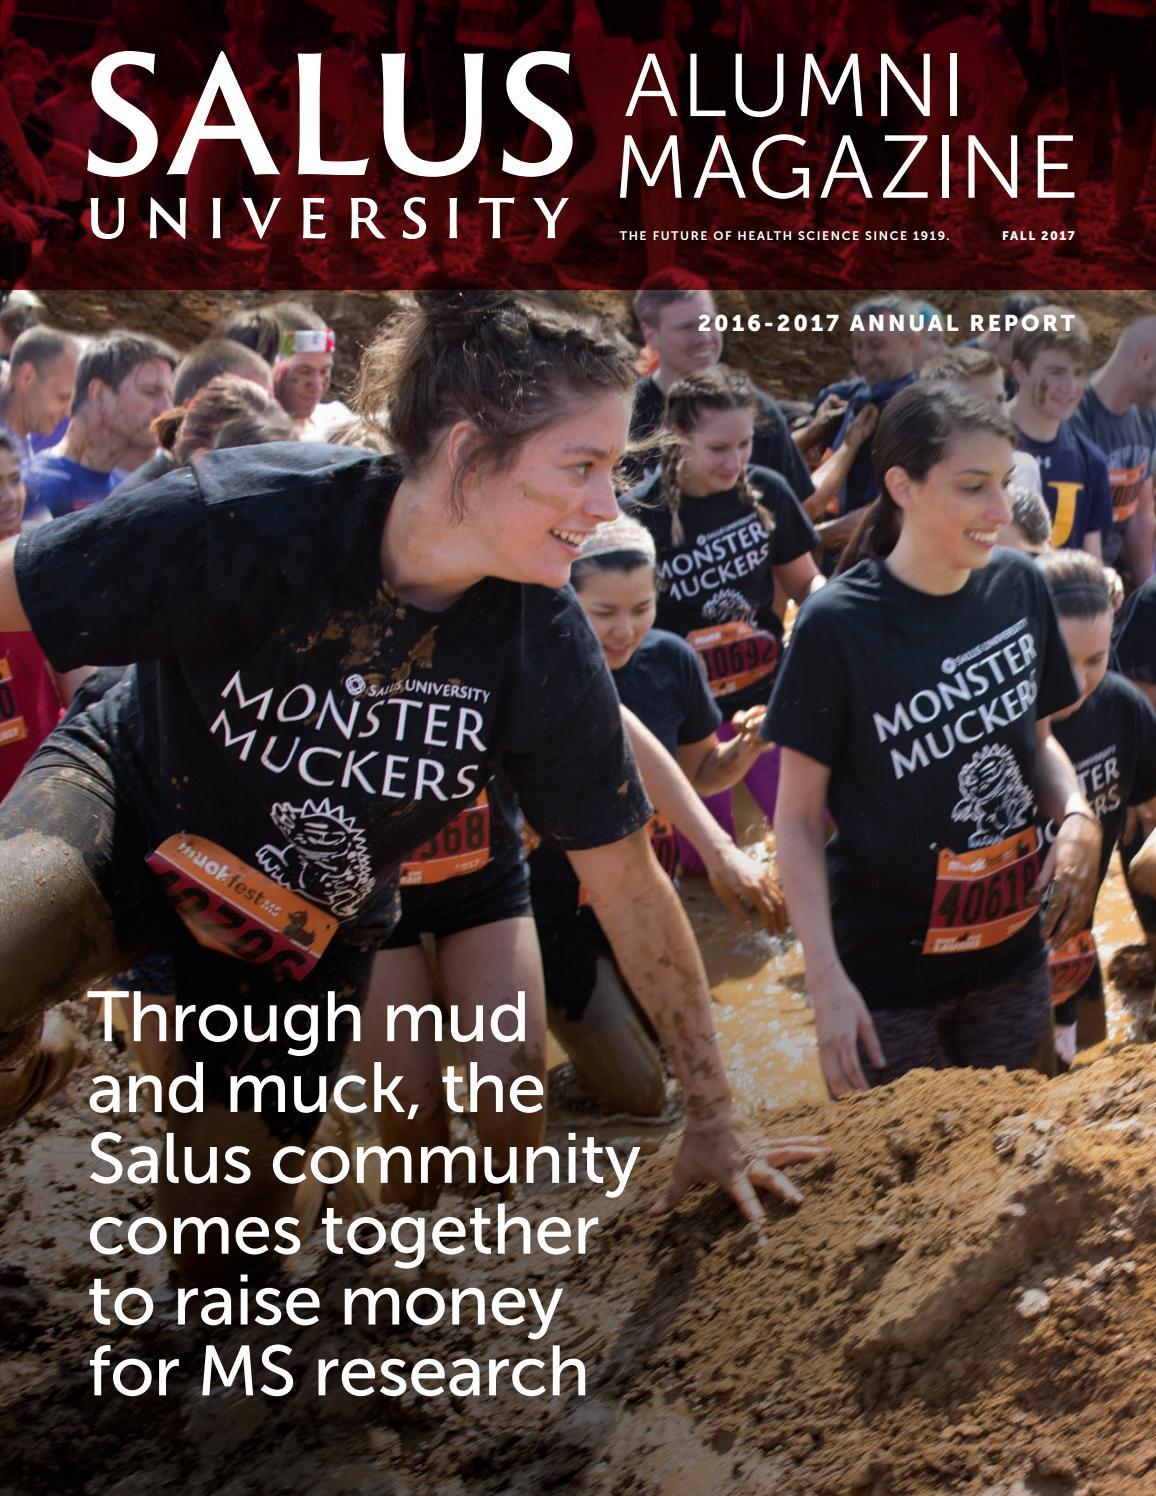 Salus University Alumni Magazine Fall 2017 By Salus University Issuu